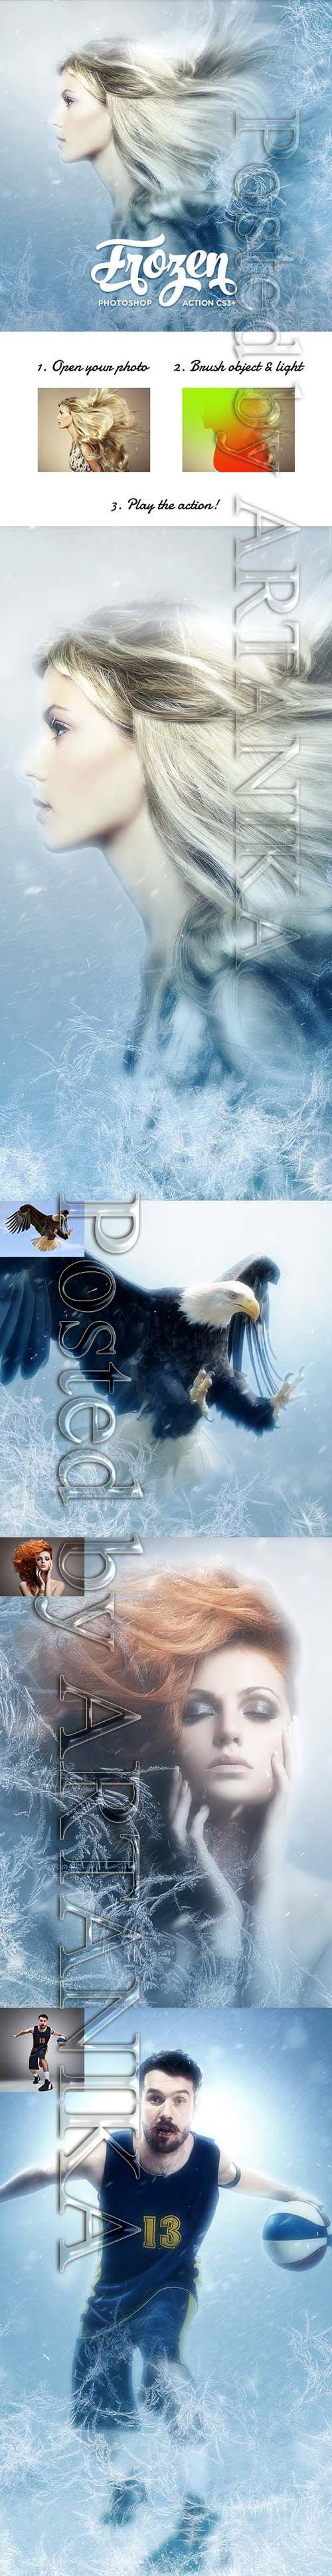 GraphicRiver - Frozen Photoshop Action CS3+ 19409748